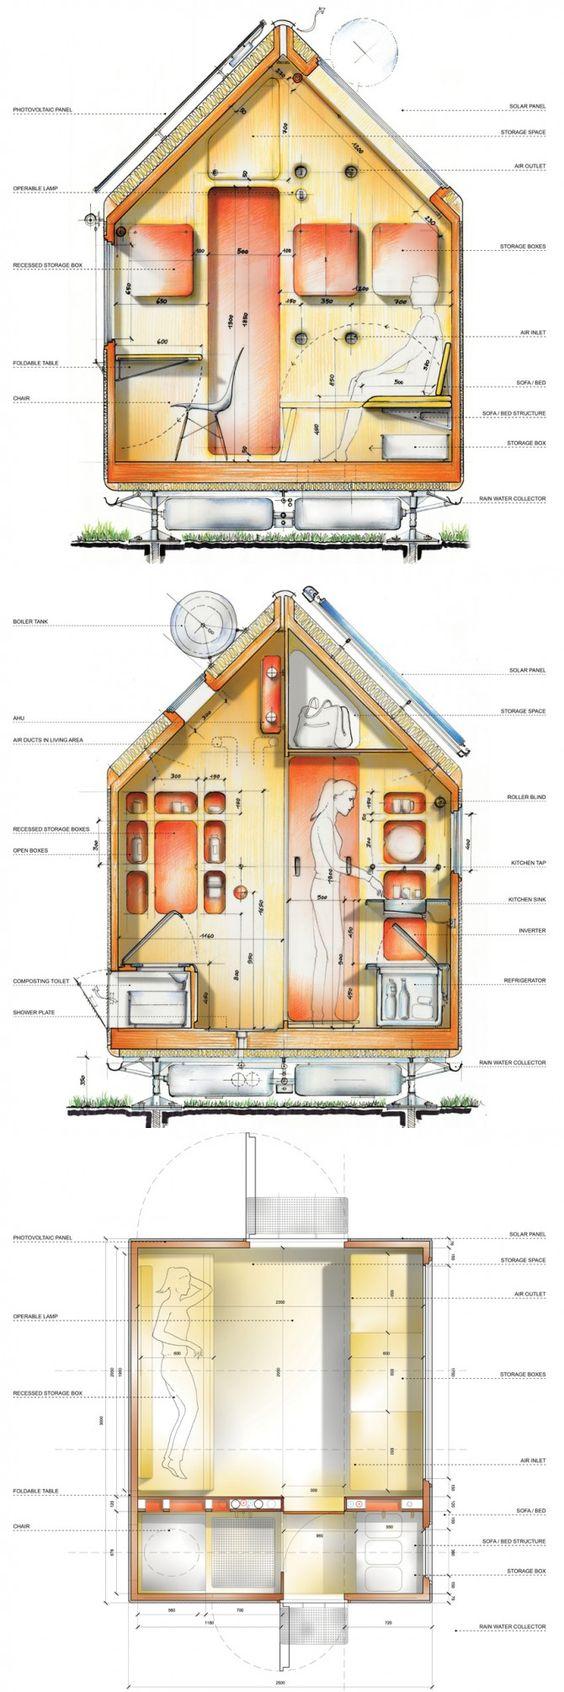 Diogene 6 Mq Arch Renzo Piano Renzo Piano Casa Sull Acqua Architettura